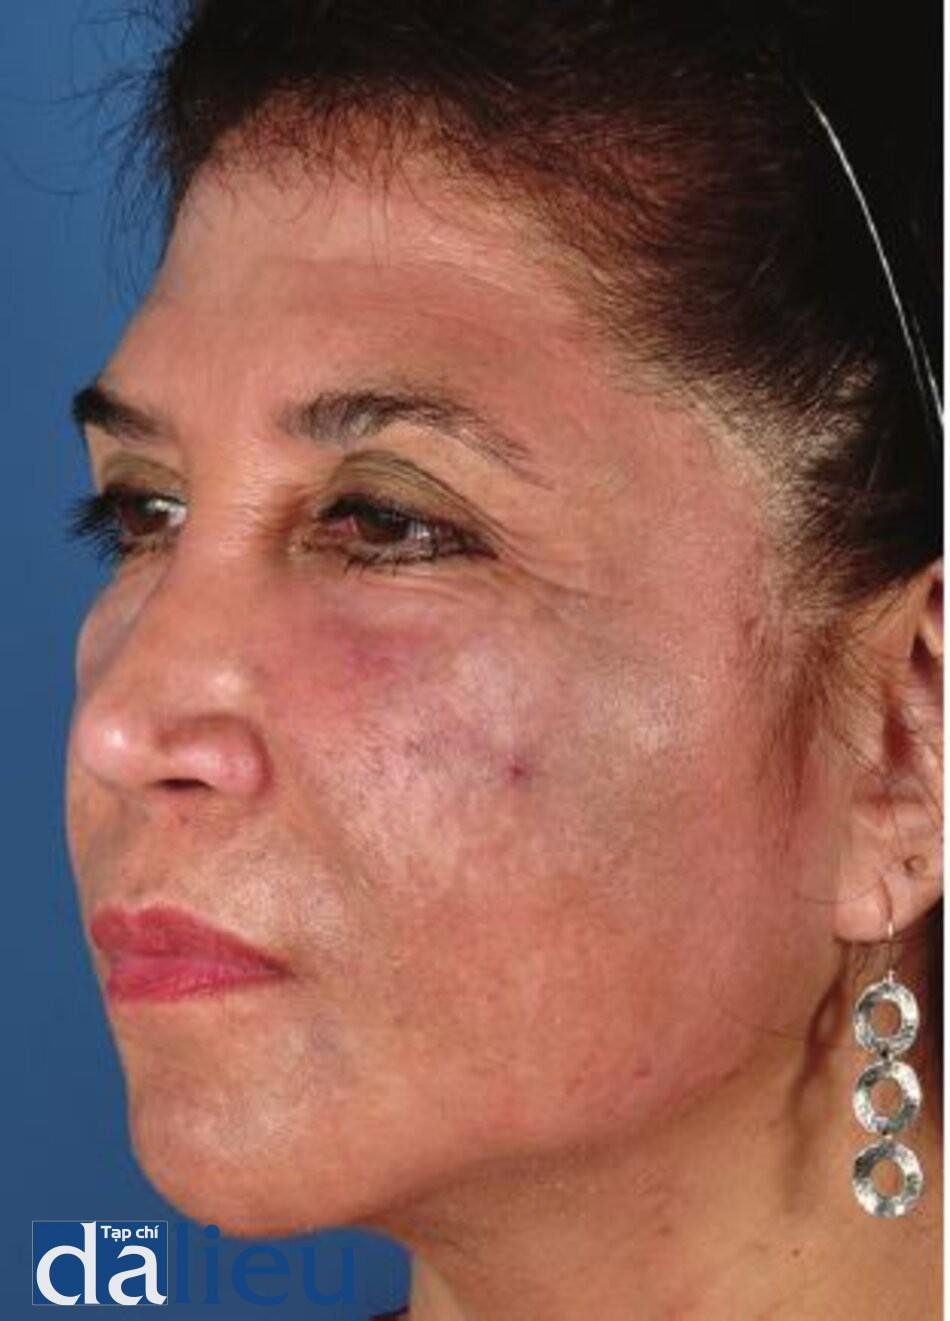 Hình 7.22 Bệnh nhân có da trắng lệch màu (tối), dày và nhờn. Bà ấy đã sử dụng 4% HQ cho nám da, không giám sát, trong 10 năm. Cô ấy được chân đoán là có bệnh ochronosis.